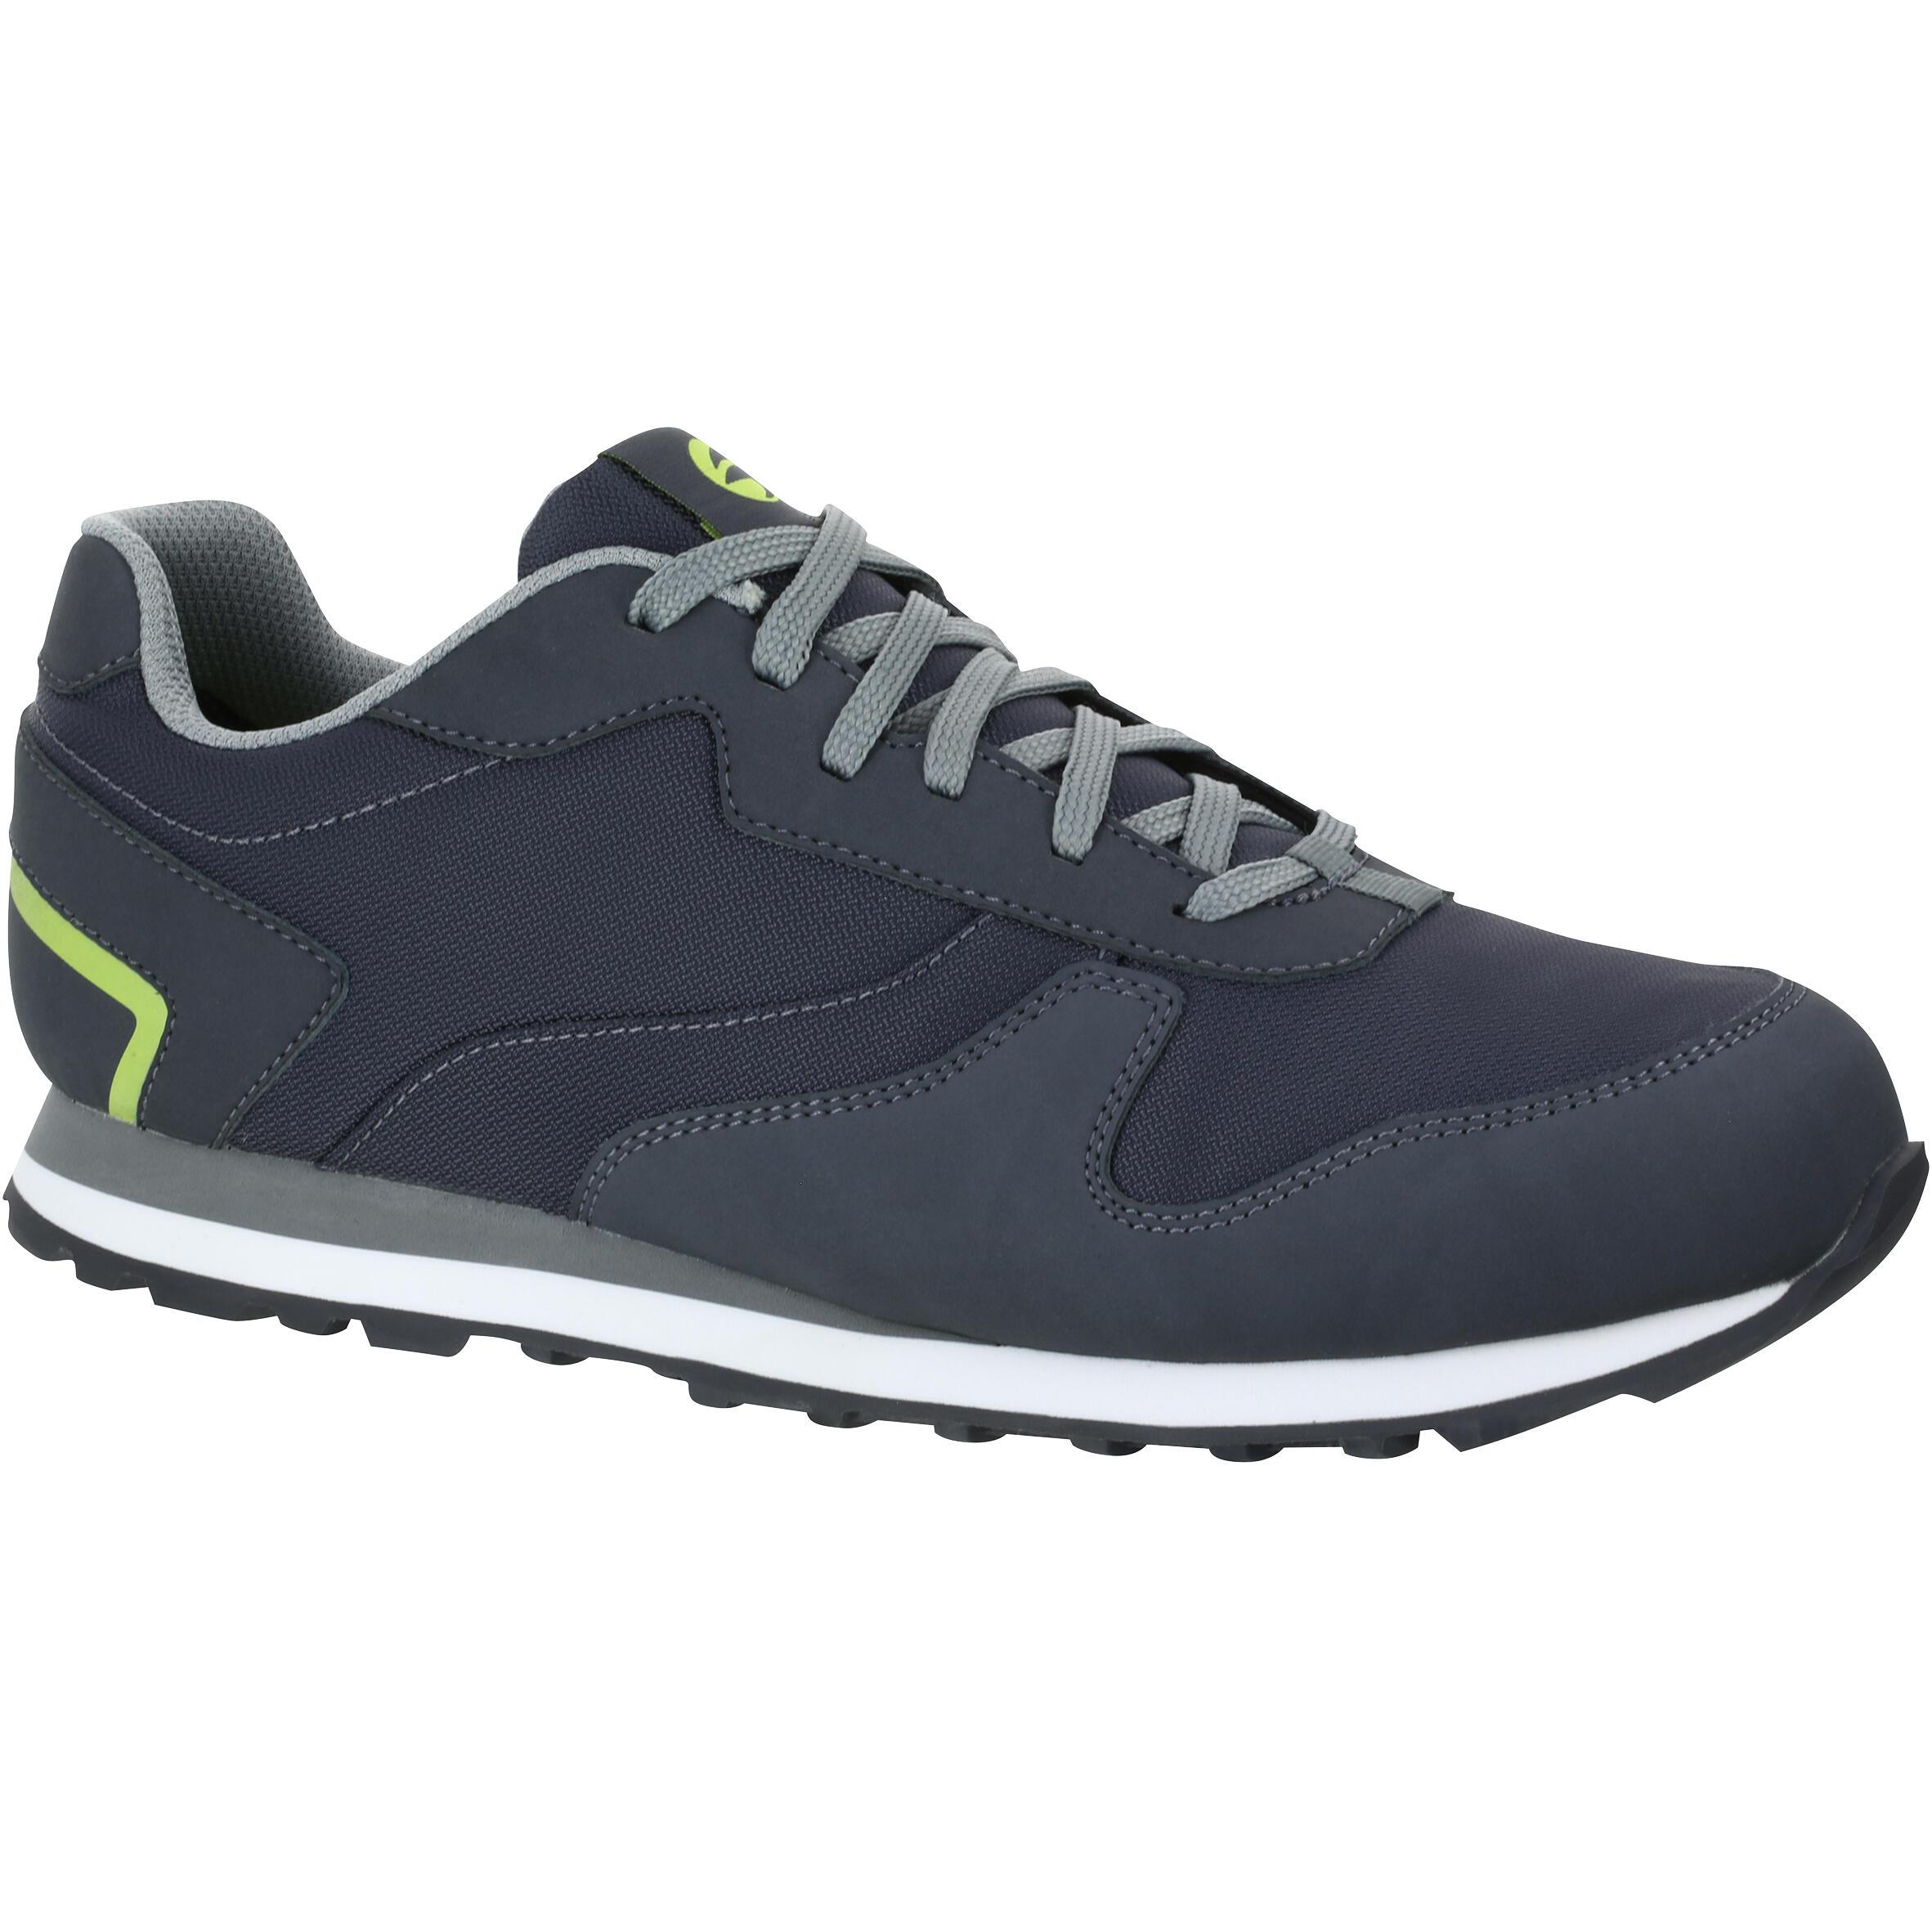 Spikeless 500 Men's Golf Shoes - Grey